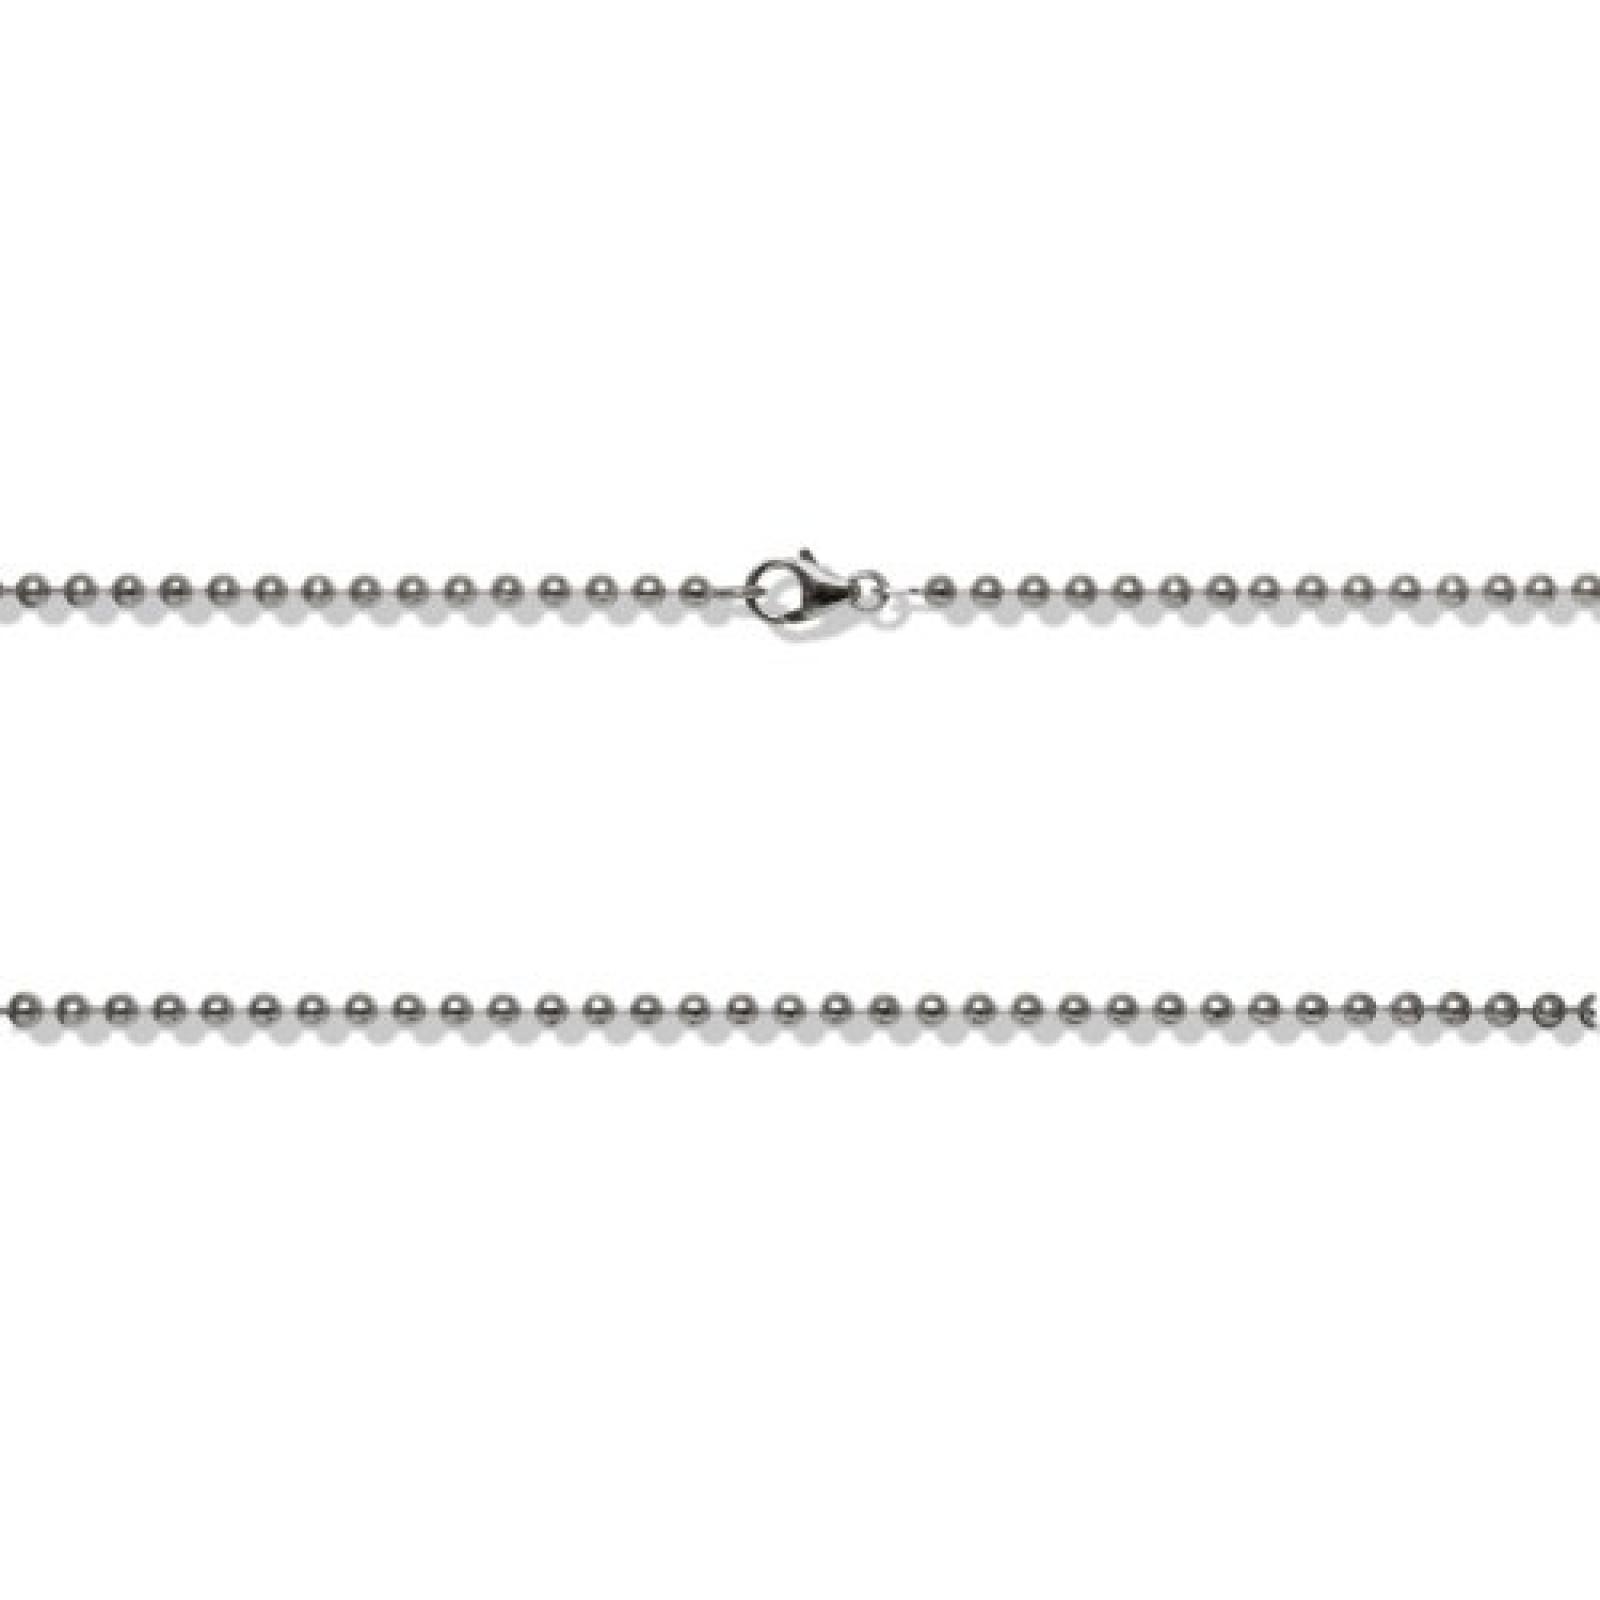 Rafaela Donata  Damen-Kugelkette Basic Collection 925 Sterling Silber 80 cm  60990087